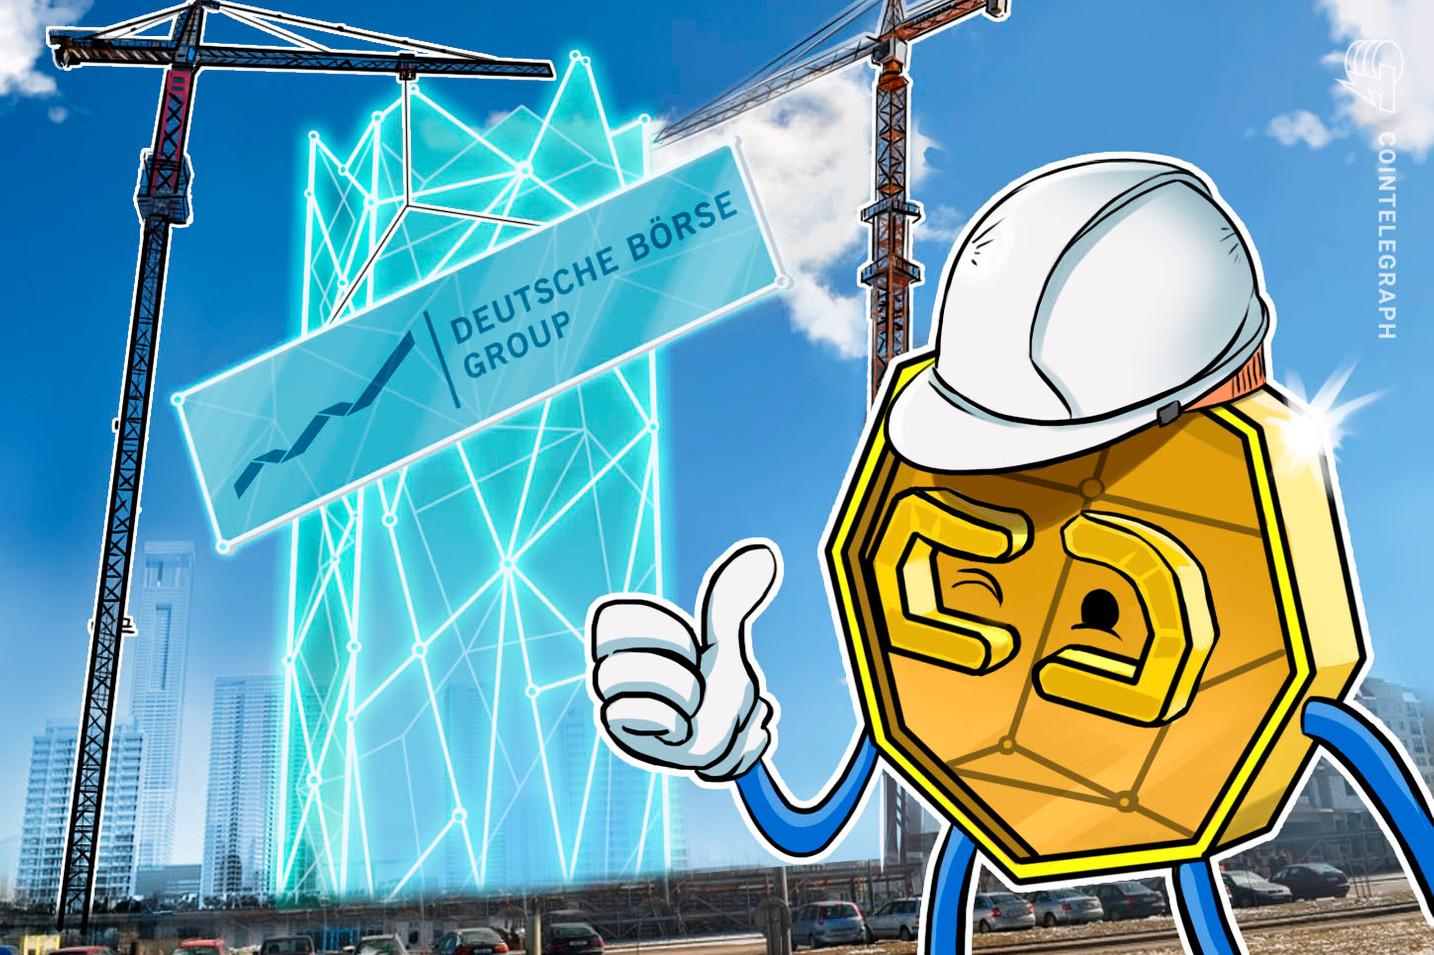 Deutsche Börse crea una unidad de dirección centralizada dedicada a blockchain y los criptoactivos